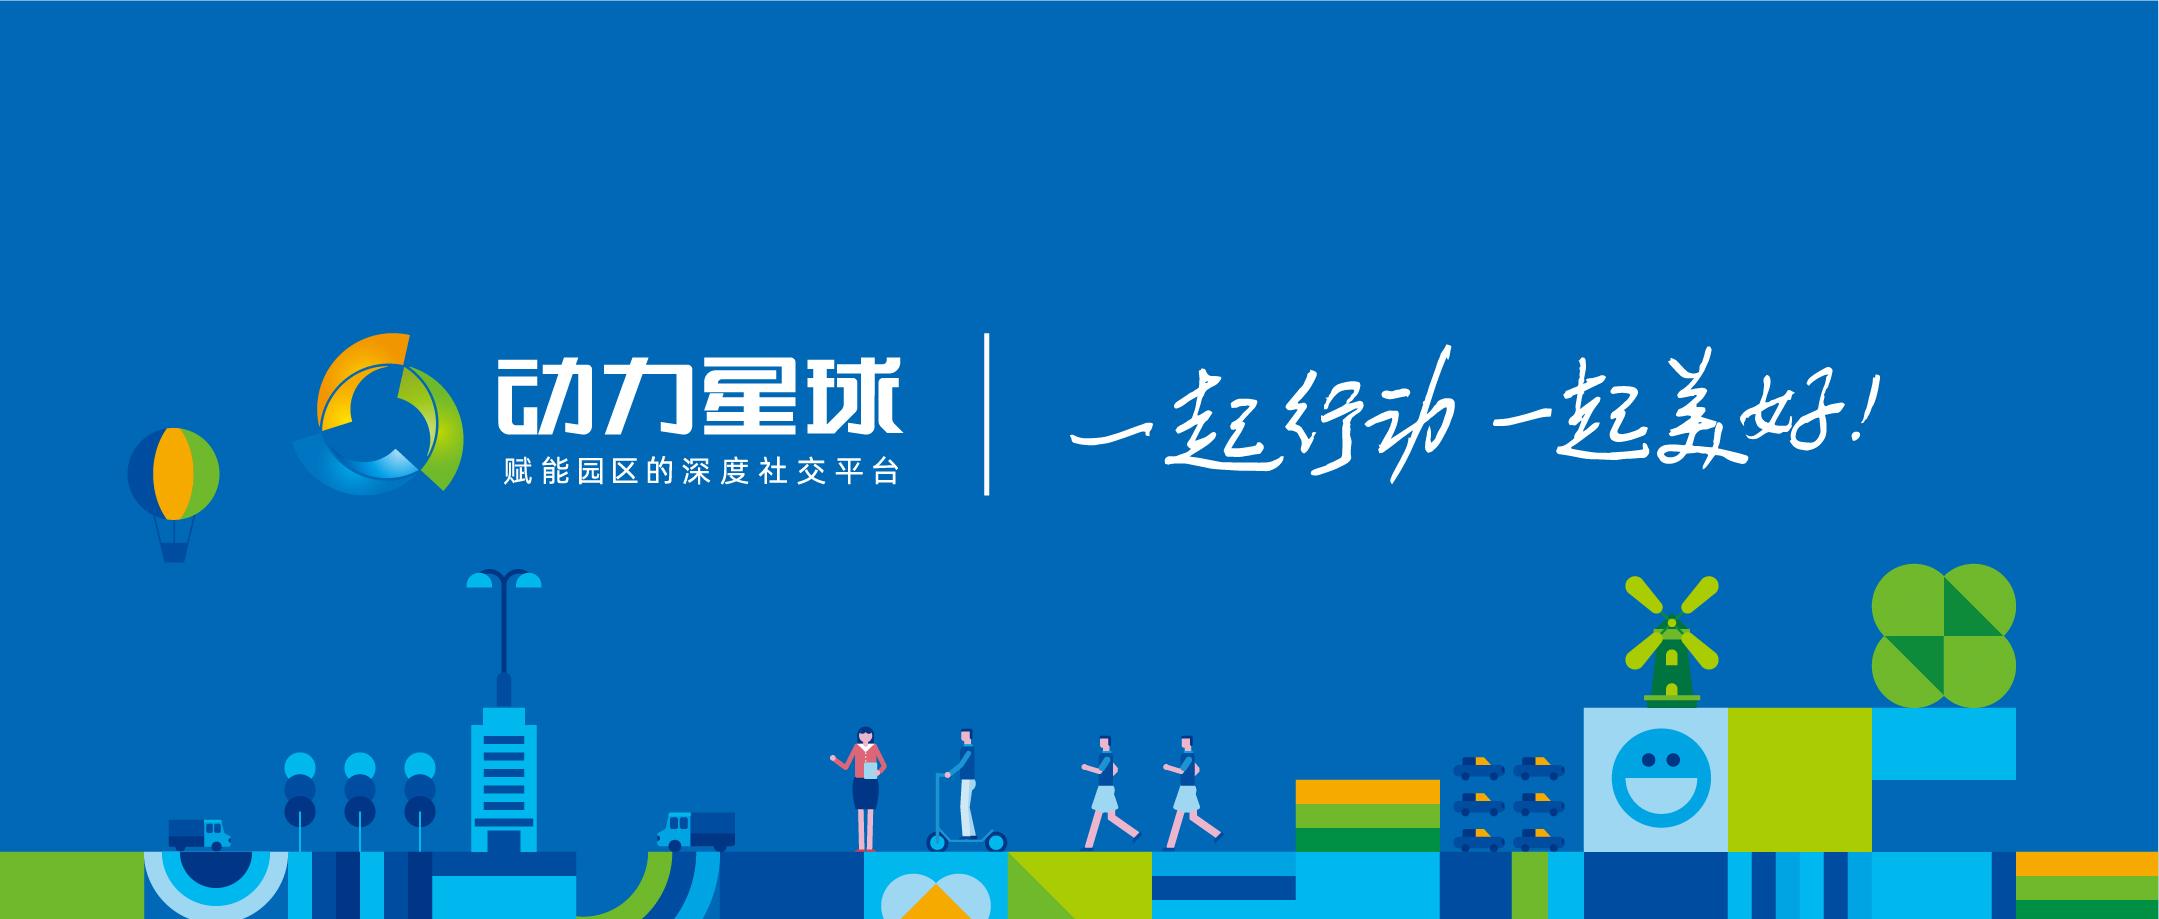 政策丨潇湘要素市场8月份政...